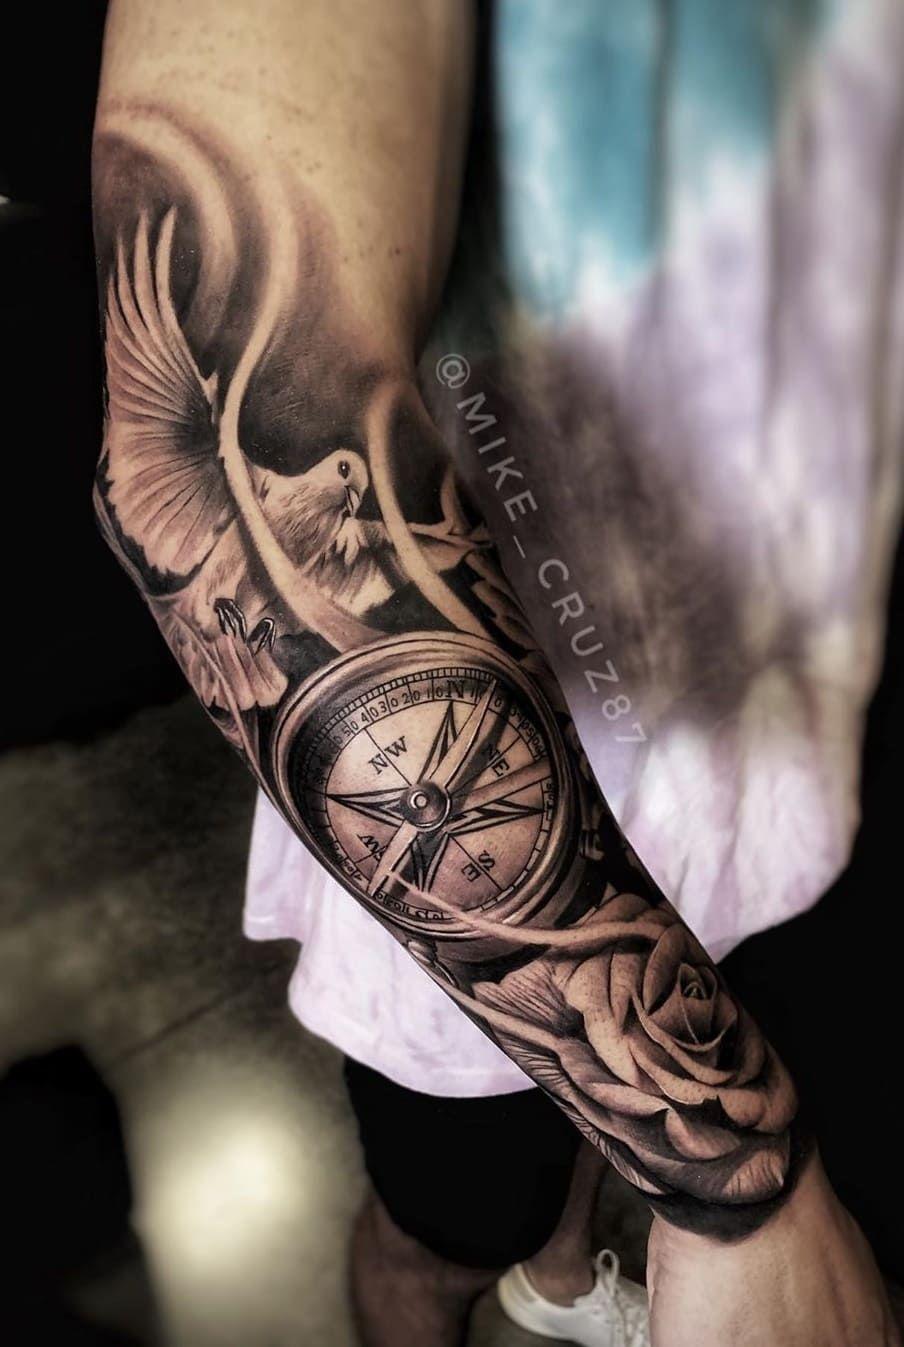 Tatuagens No Antebraco 80 Desenhos Masculinos Incriveis Eu Amo Tatuagens Tattoos For Women Half Sleeve Tattoos Best Sleeve Tattoos